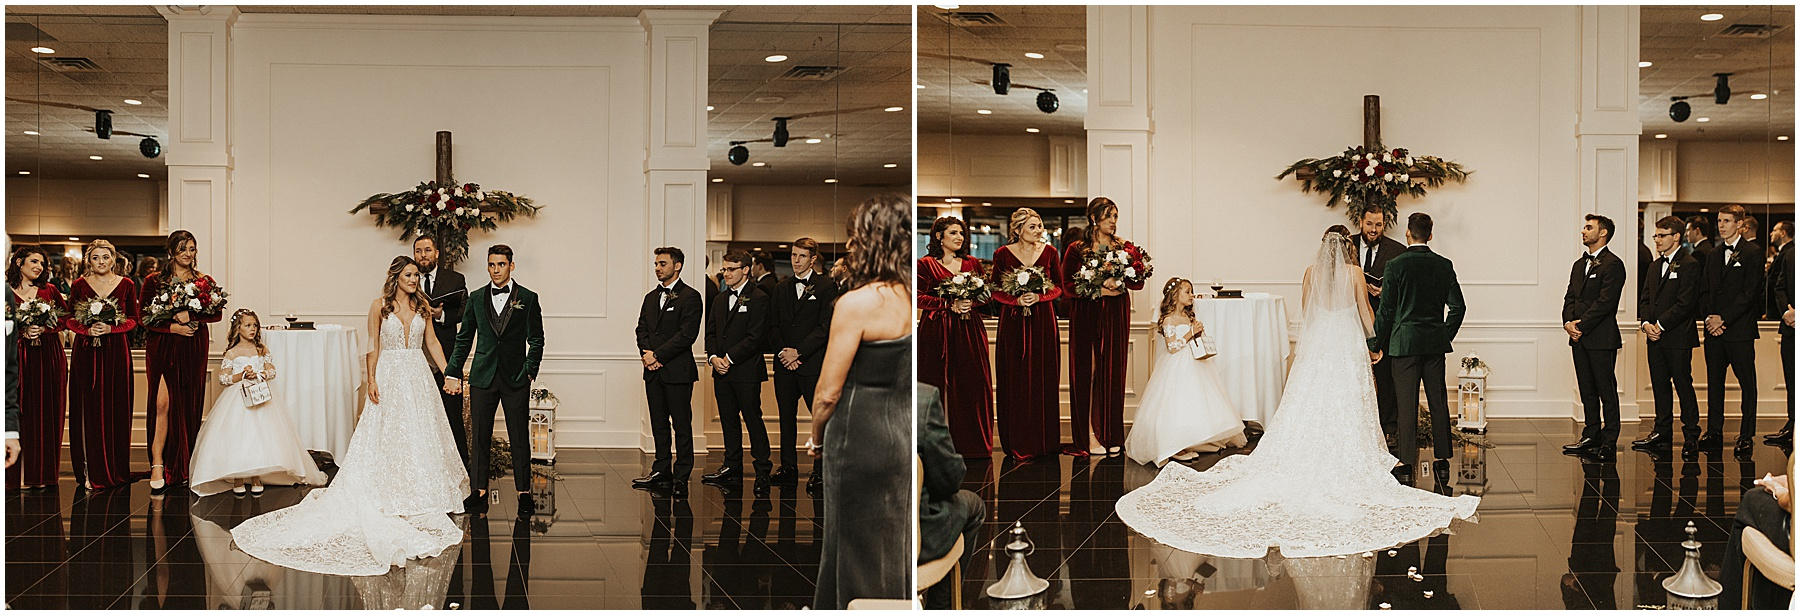 Christmas Wedding in Ohio_0312.jpg